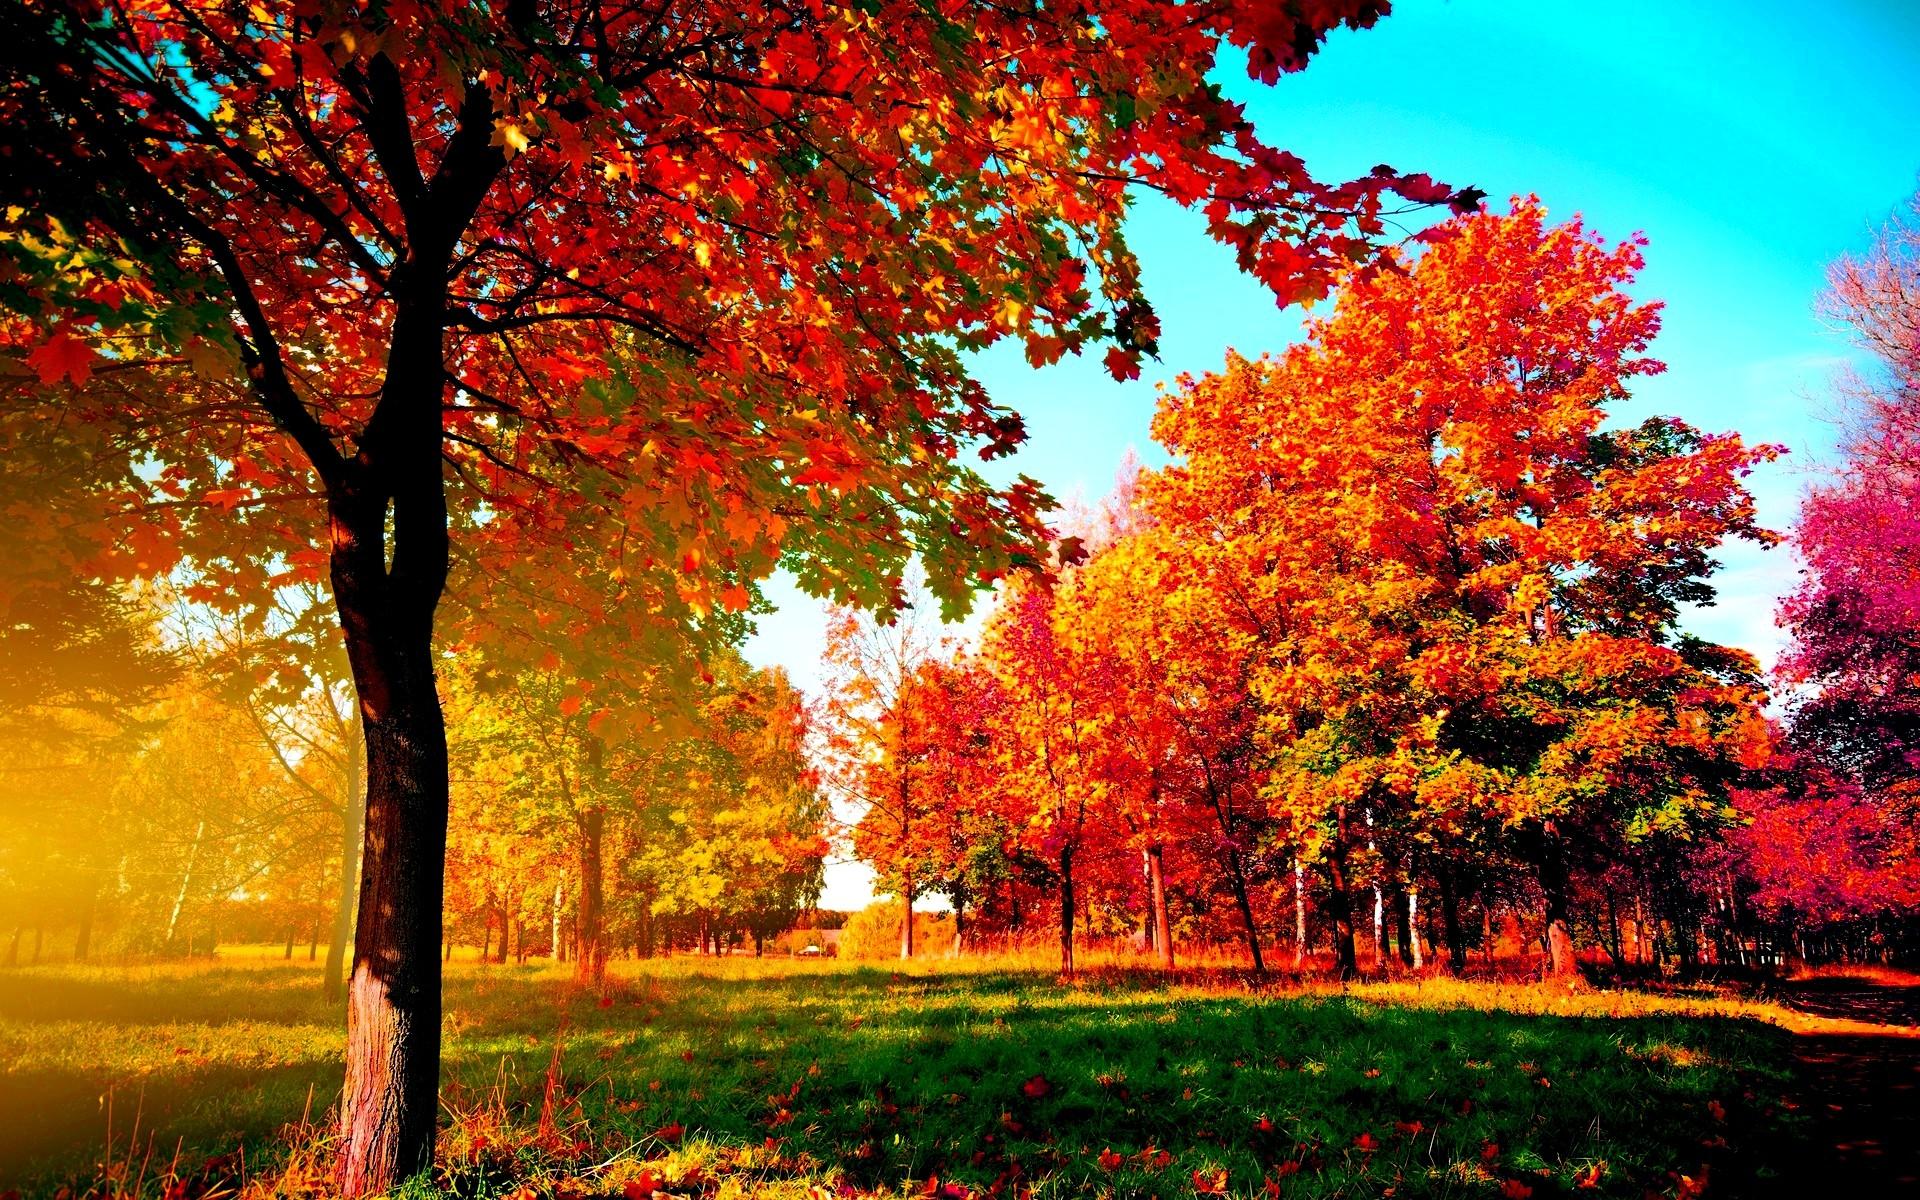 fall background desktop 68 images